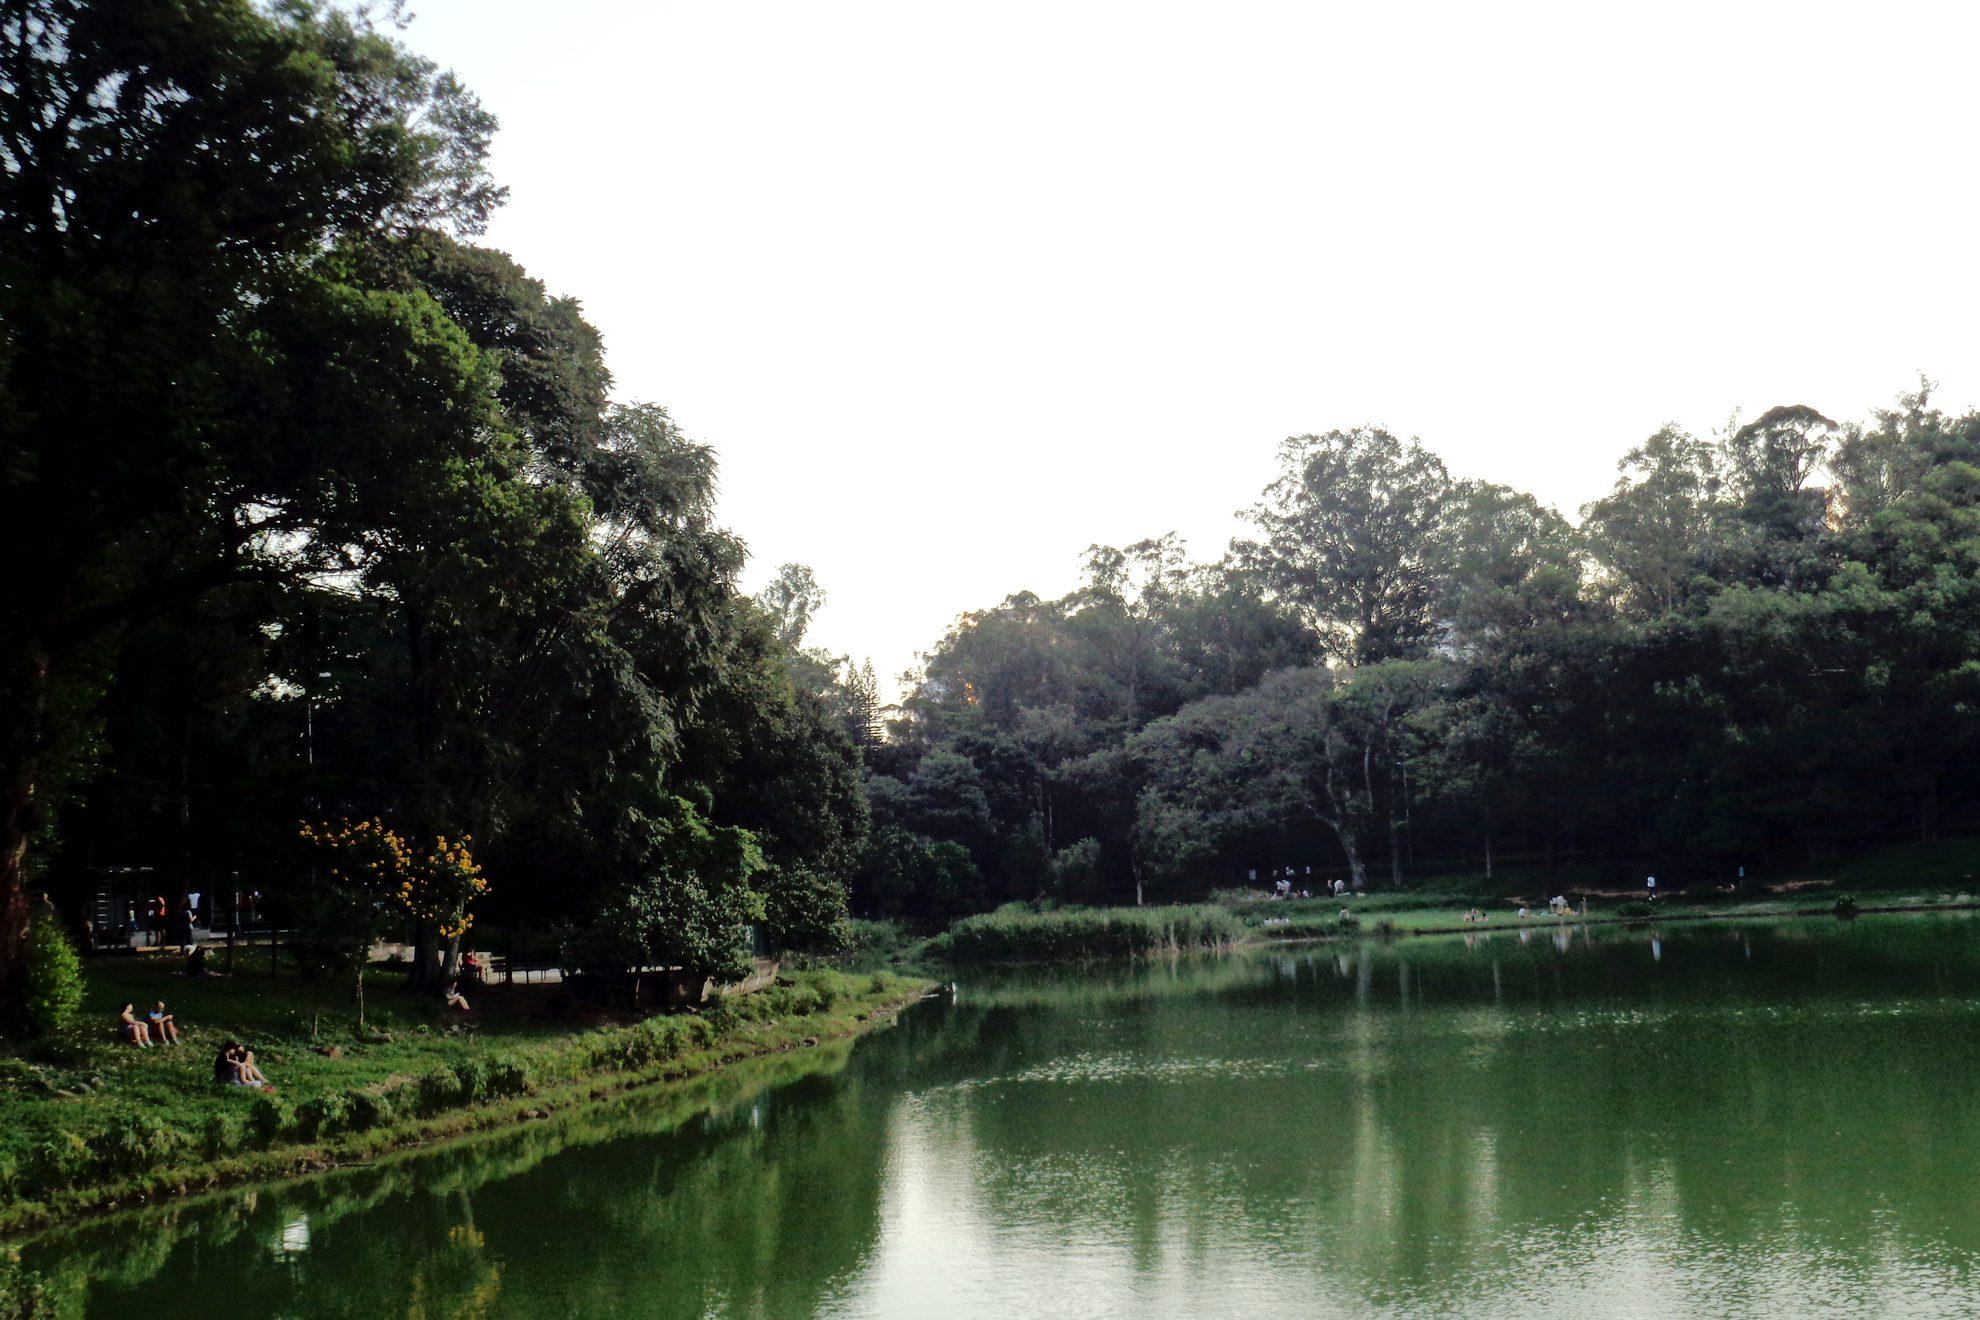 Parque da Aclimação